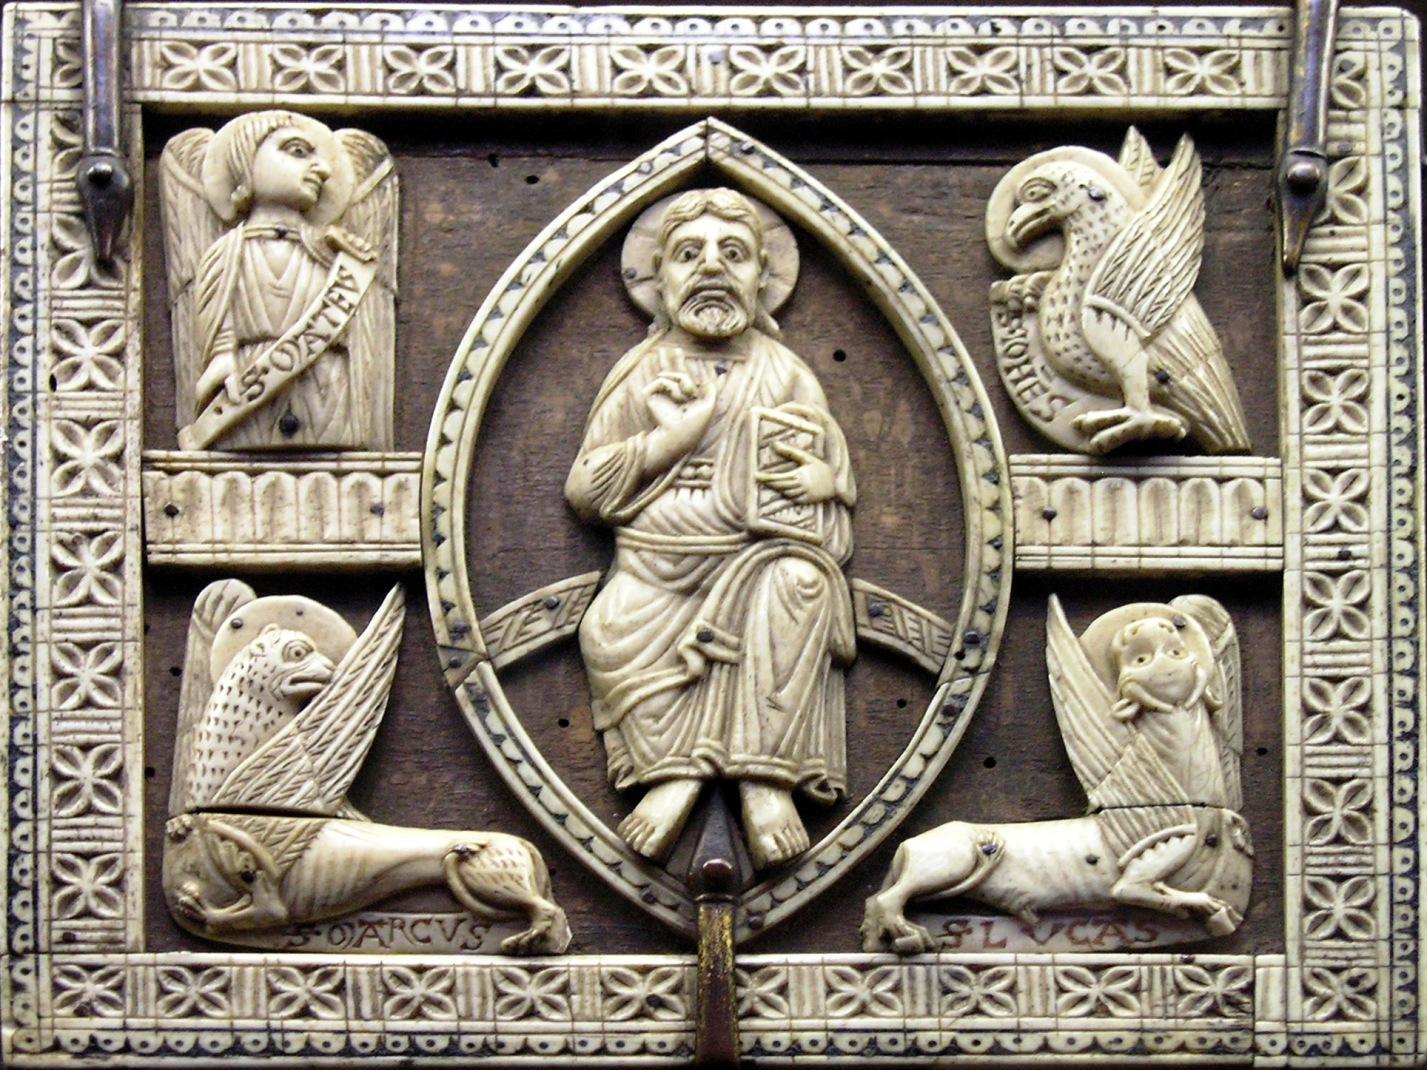 барельеф 13 века